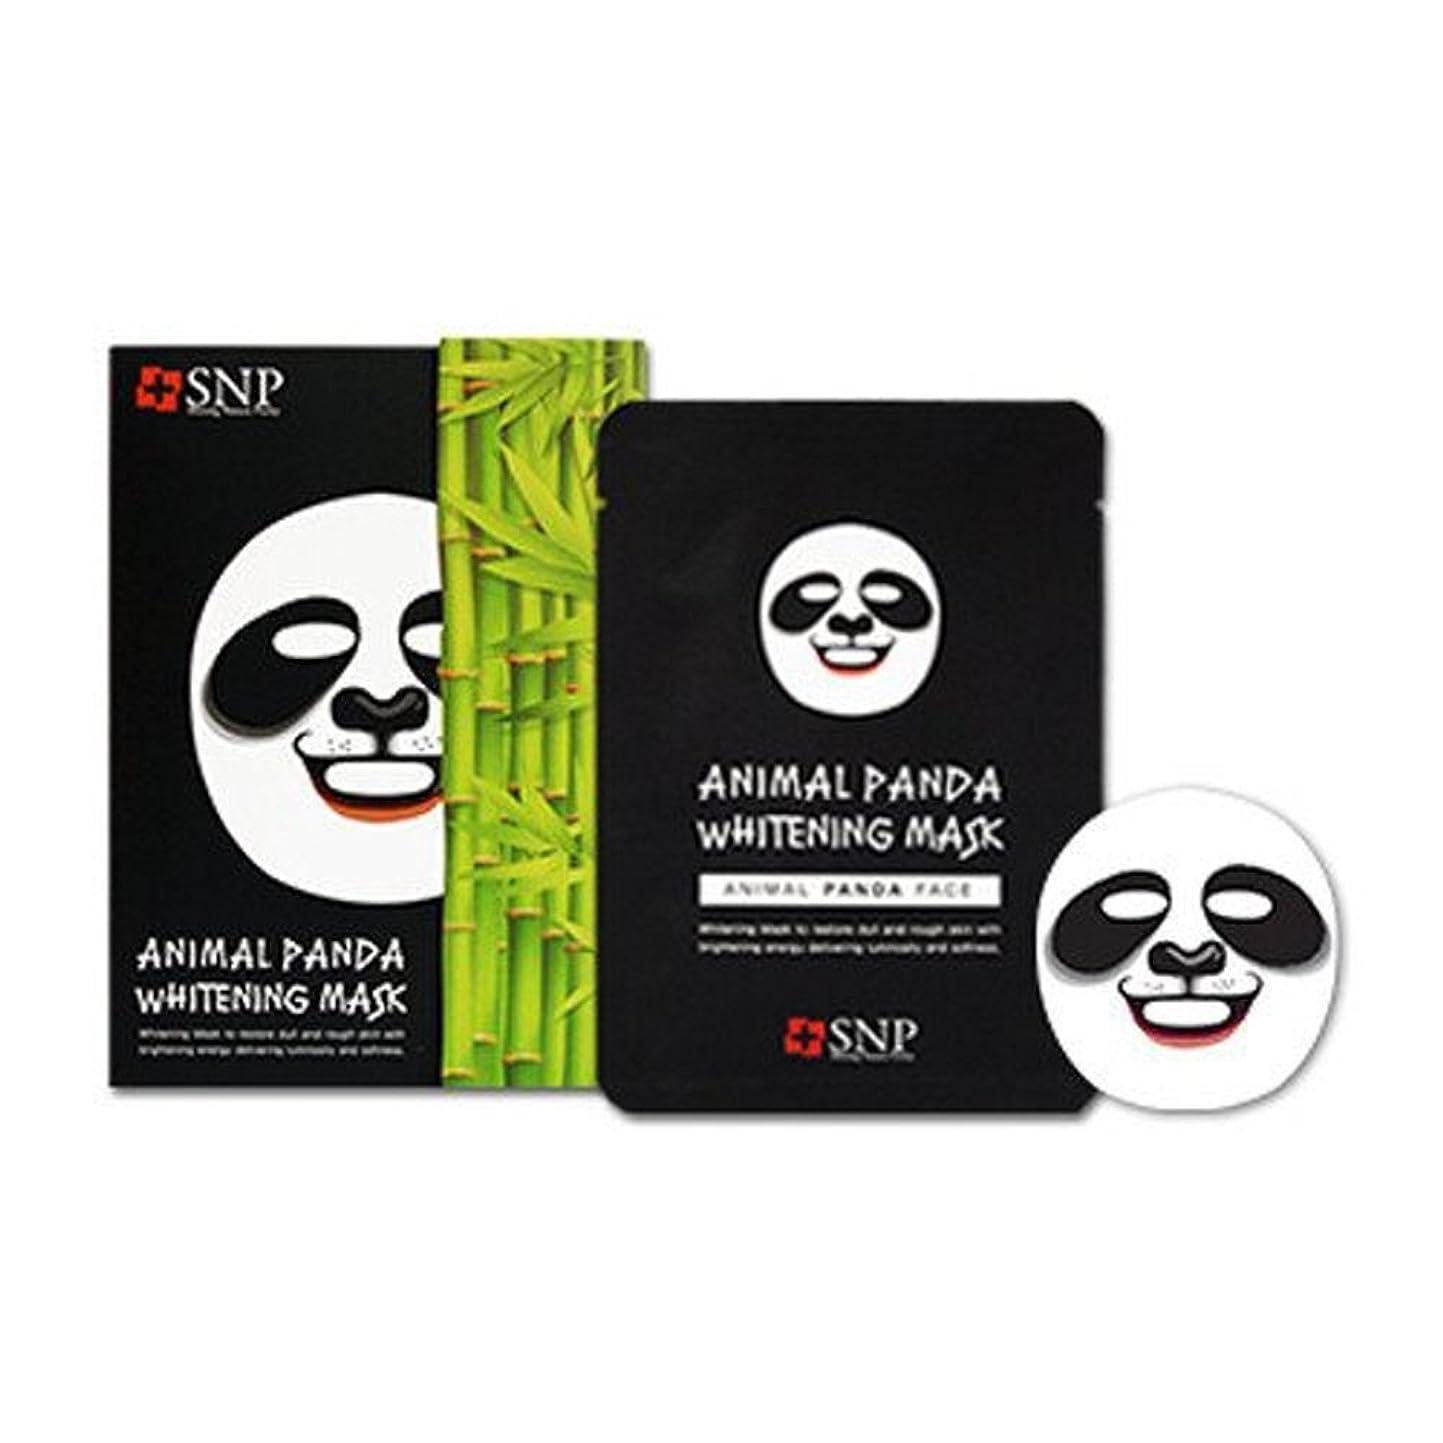 インタネットを見る移動名前でSNP エスエンピ 動物マスクシート 10枚入り1box (Animal Mask 10 sheet) 海外直送品 (パンダ Panda)